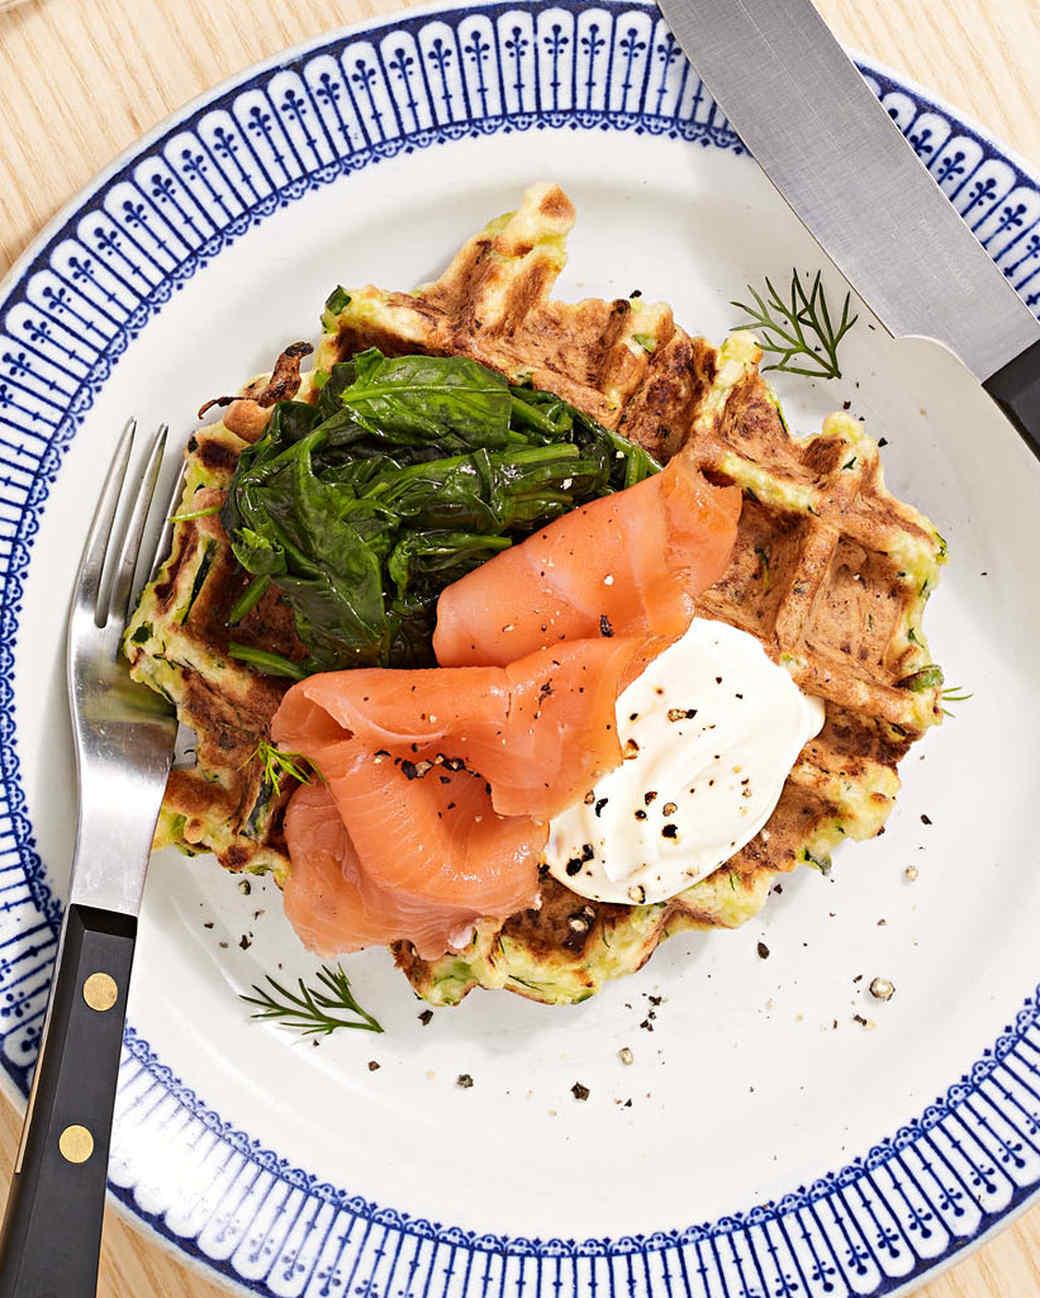 zucchini waffle smoked salmon and greens